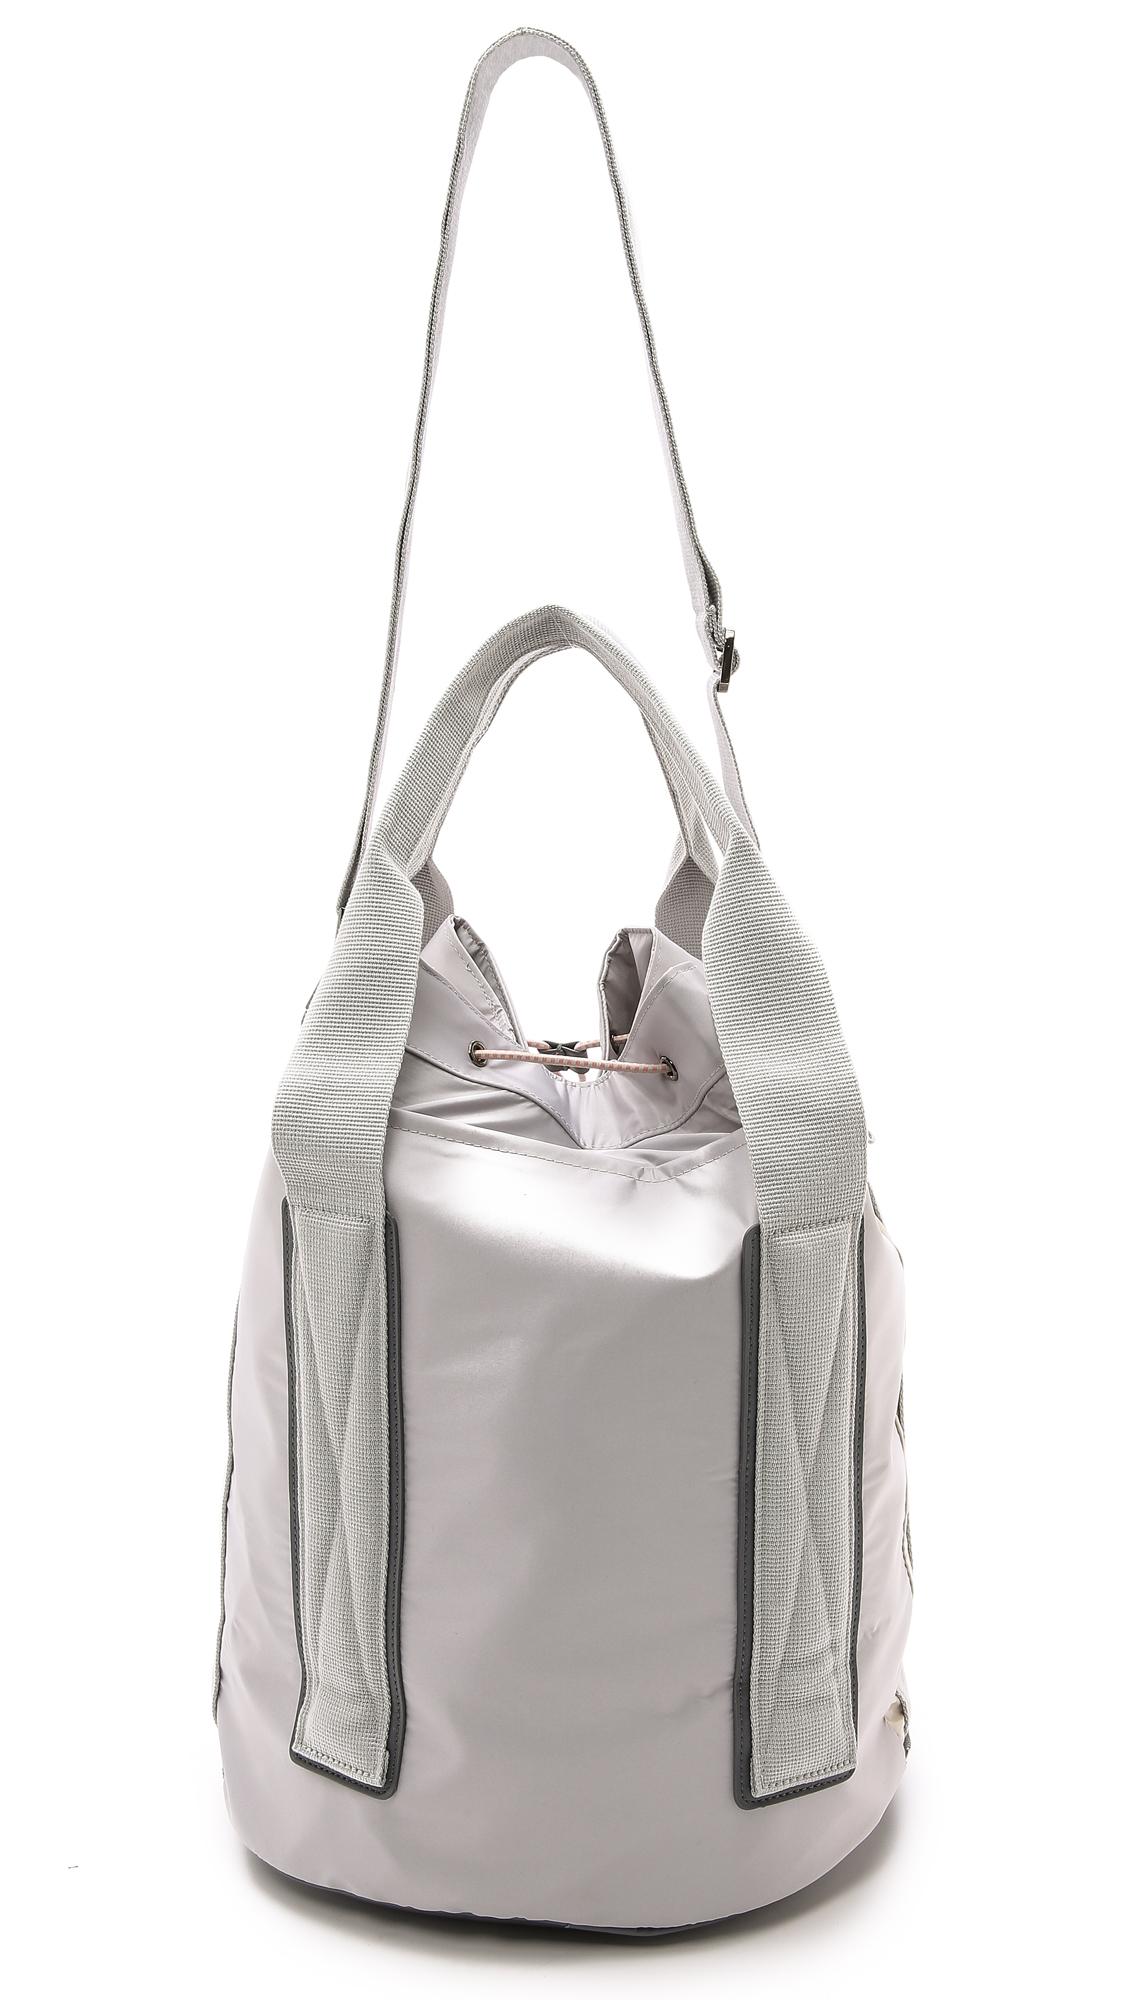 7c019ec29ea9 Lyst - adidas By Stella McCartney Tennis Bag - Glacial in Gray